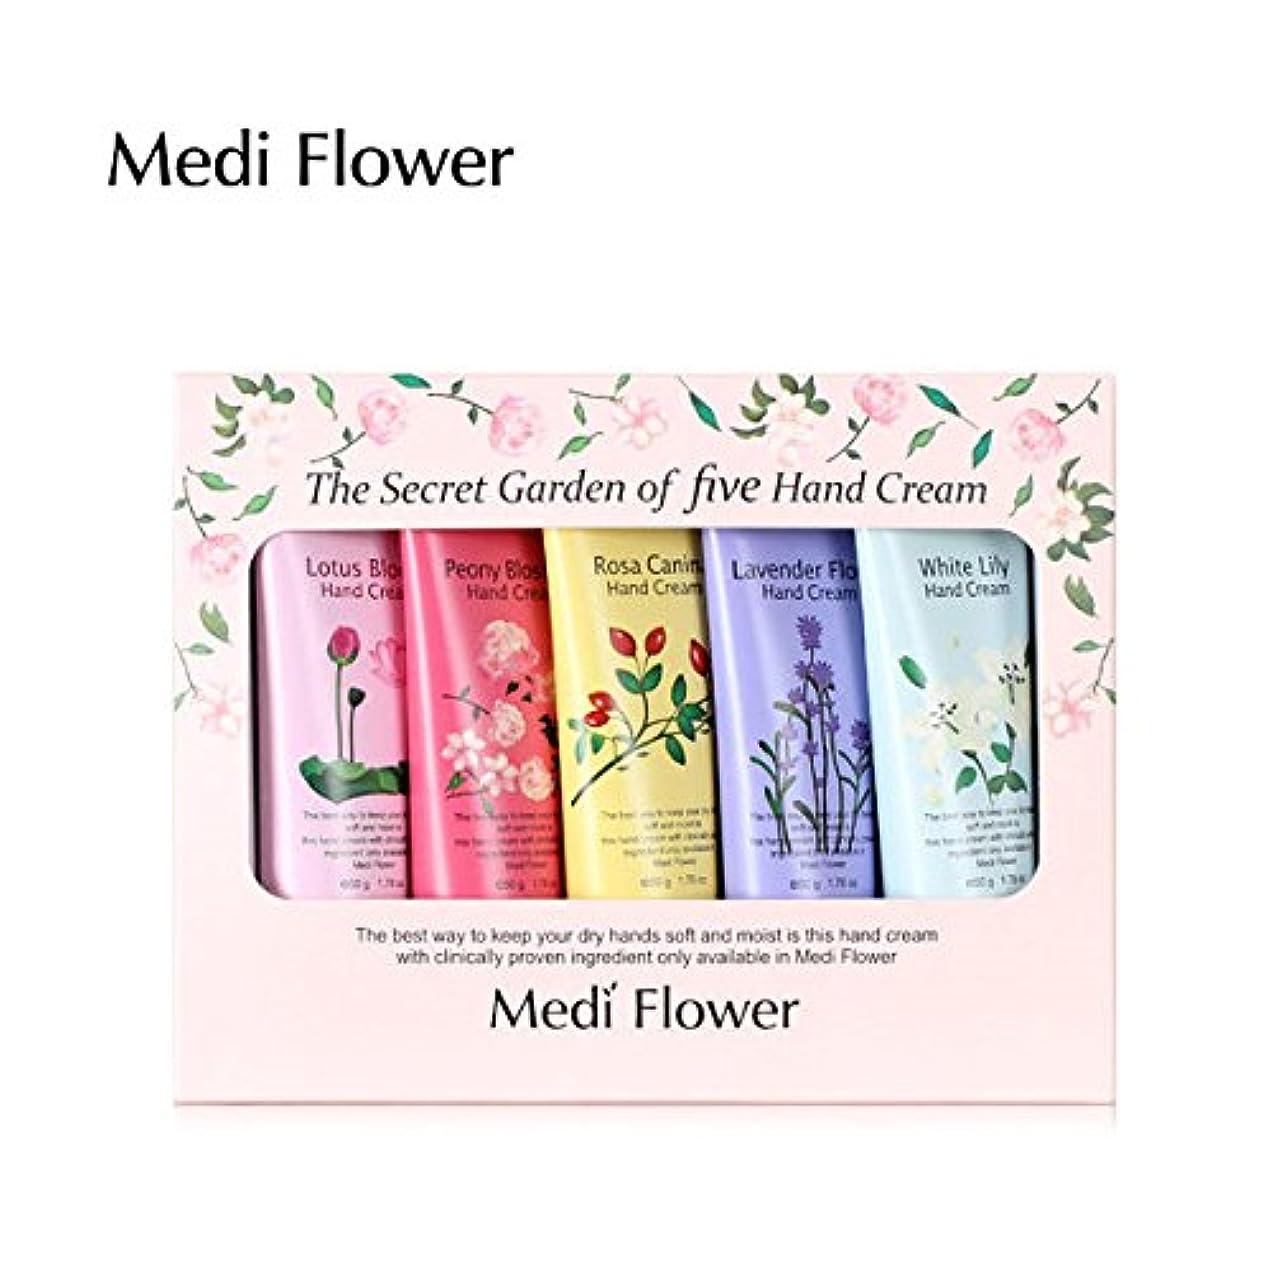 クリーク注釈確保する[MediFlower] ザ?シークレットガーデン?ハンドクリームセット(50g x 5個) / The Secret Garden of Five Hand Cream Set